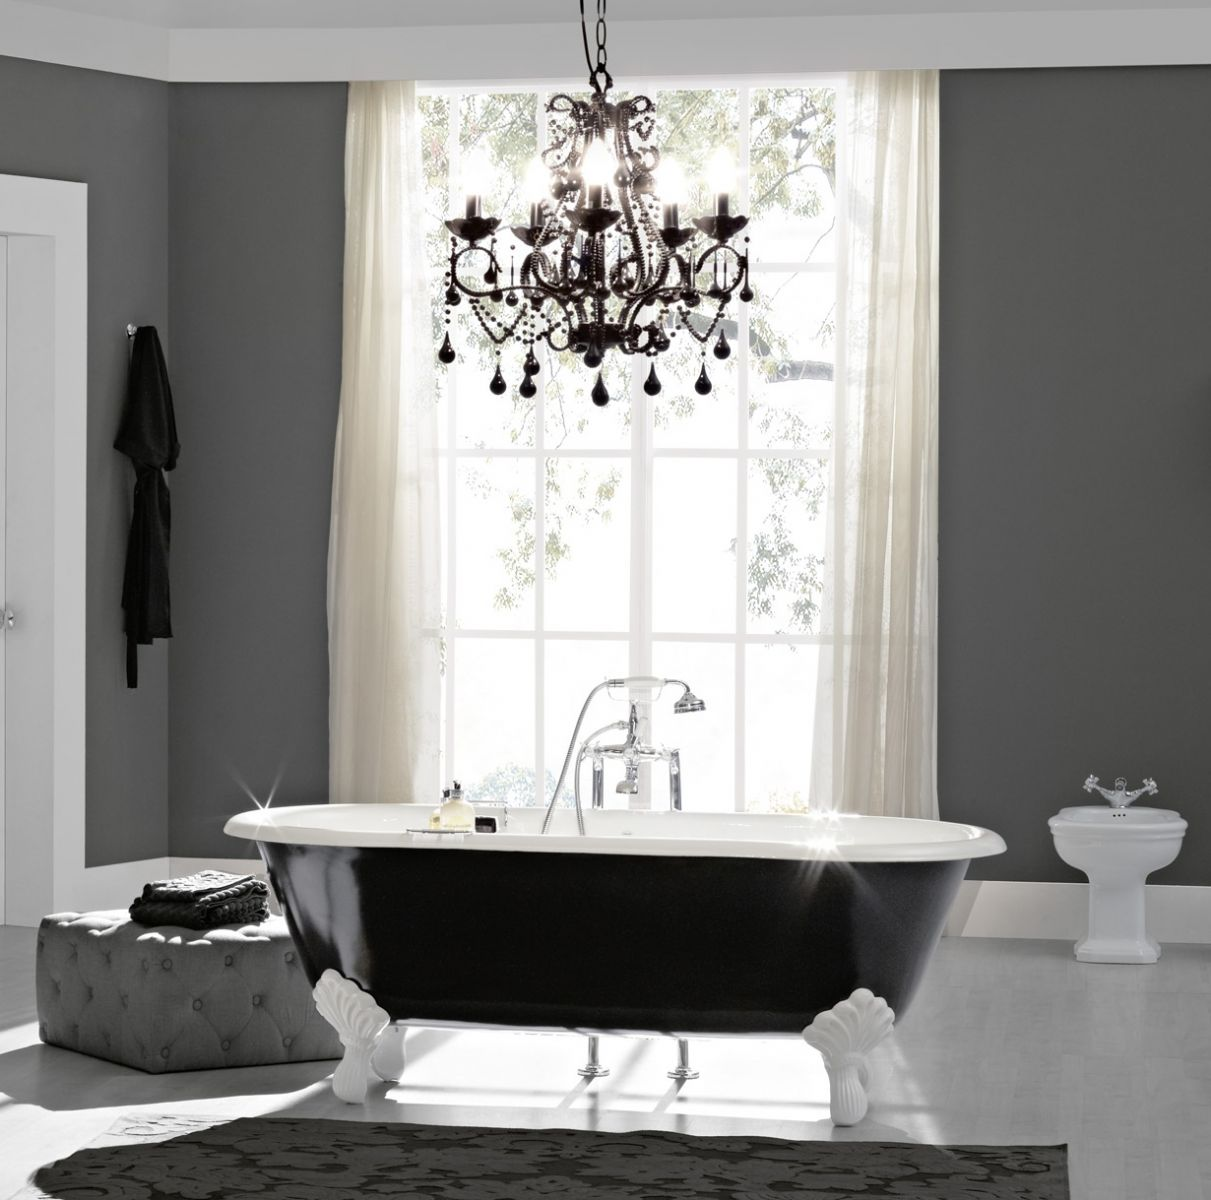 baignoire en fonte lavabo et sanitaires antiquit s r ditions et r novation. Black Bedroom Furniture Sets. Home Design Ideas